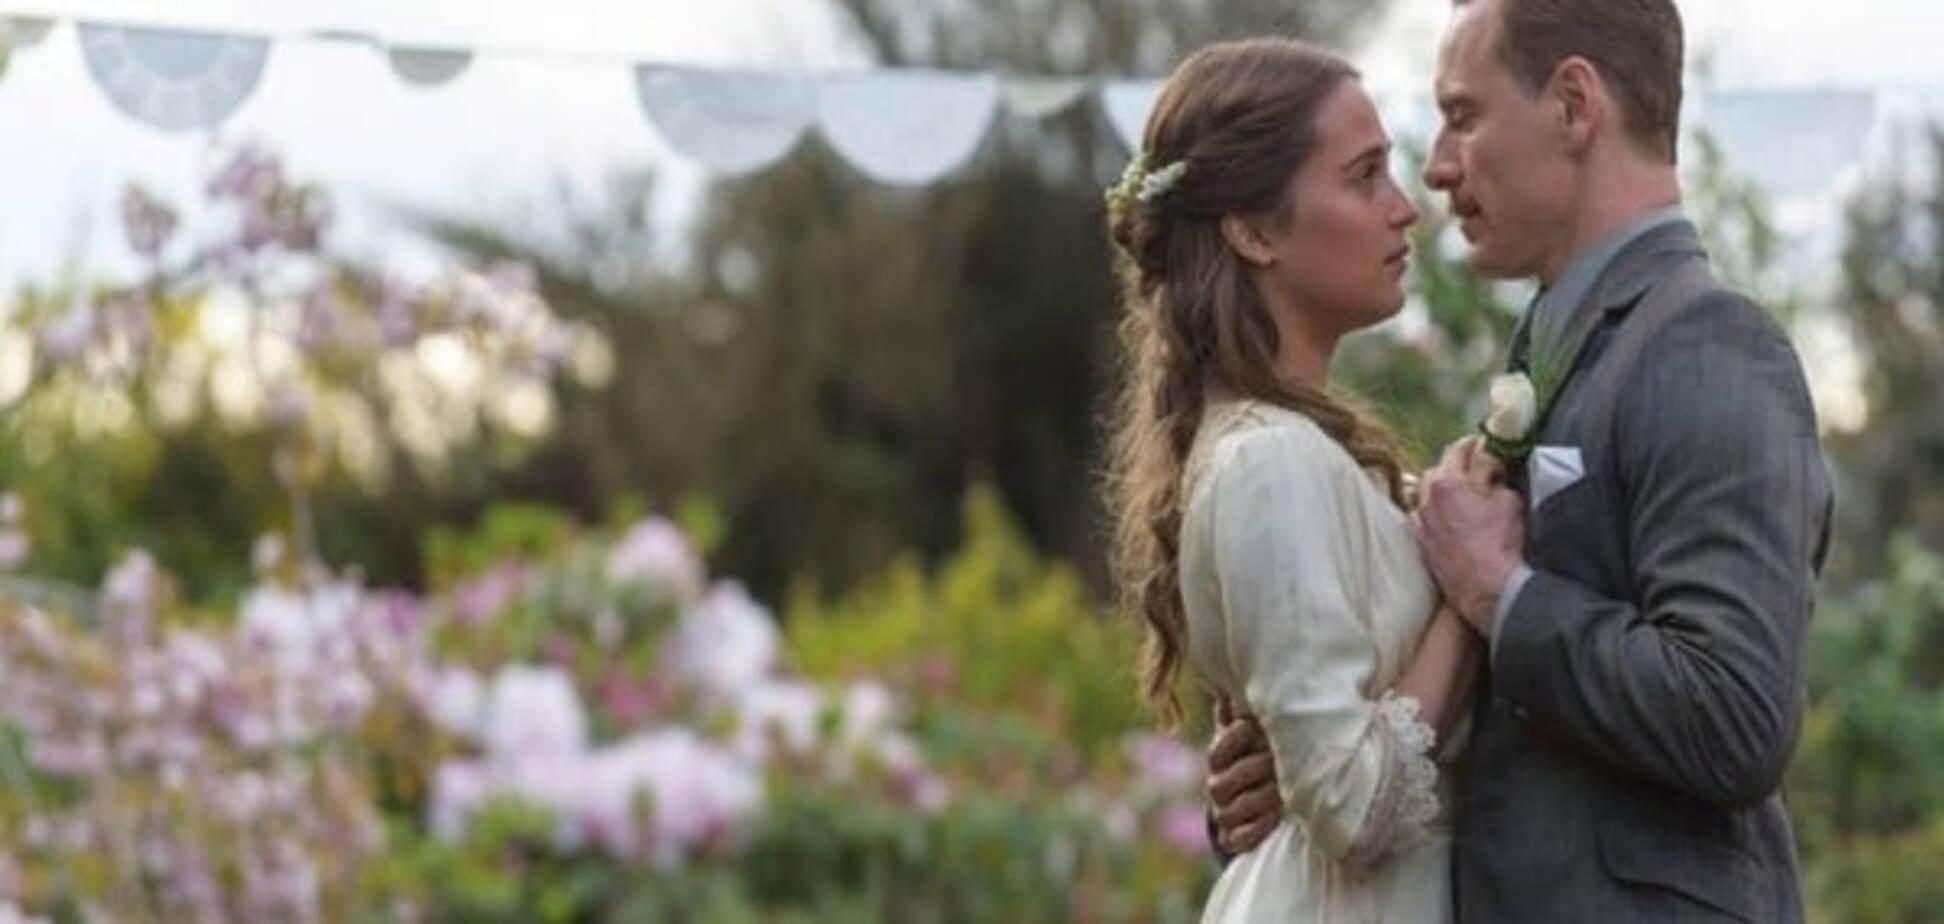 Дорогая мыльная опера: рецензия на фильм 'Свет в океане'